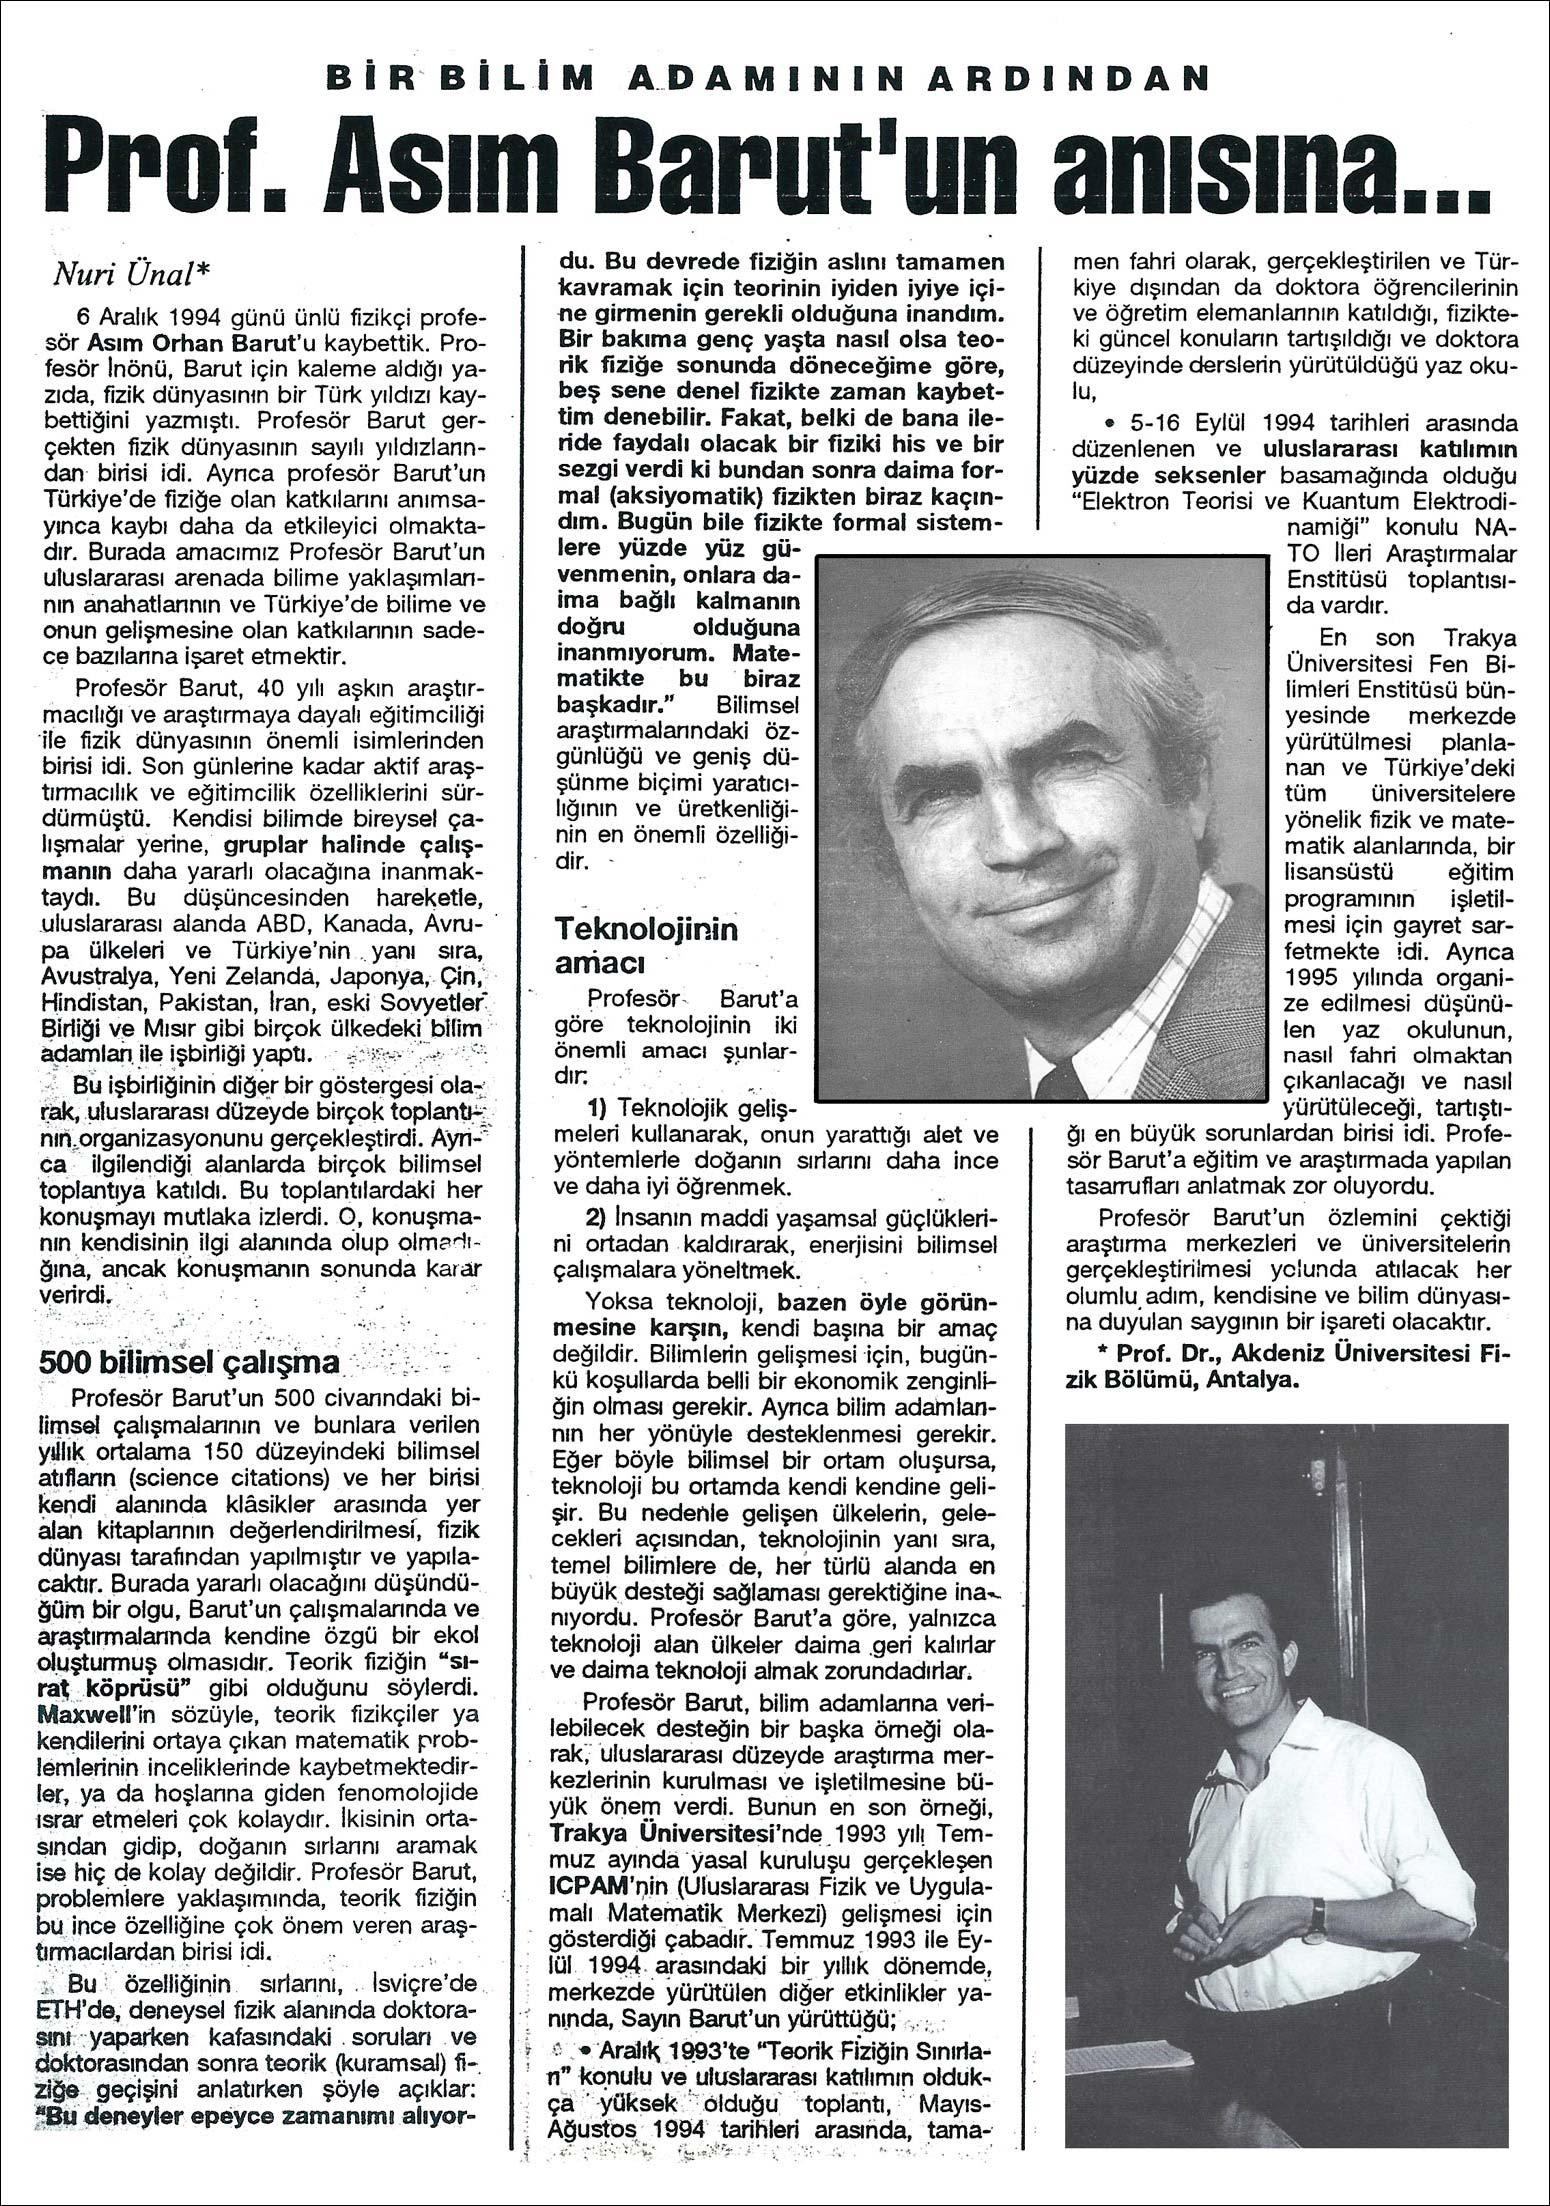 Basında Asım Orhan Barut | BİR BİLİM ADAMININ ARDINDAN | Prof. Asım Barut Anısına | Nuri Ünal | Prof. Dr., Akdeniz Üniversitesi Fizik Bölümü, Antalya.